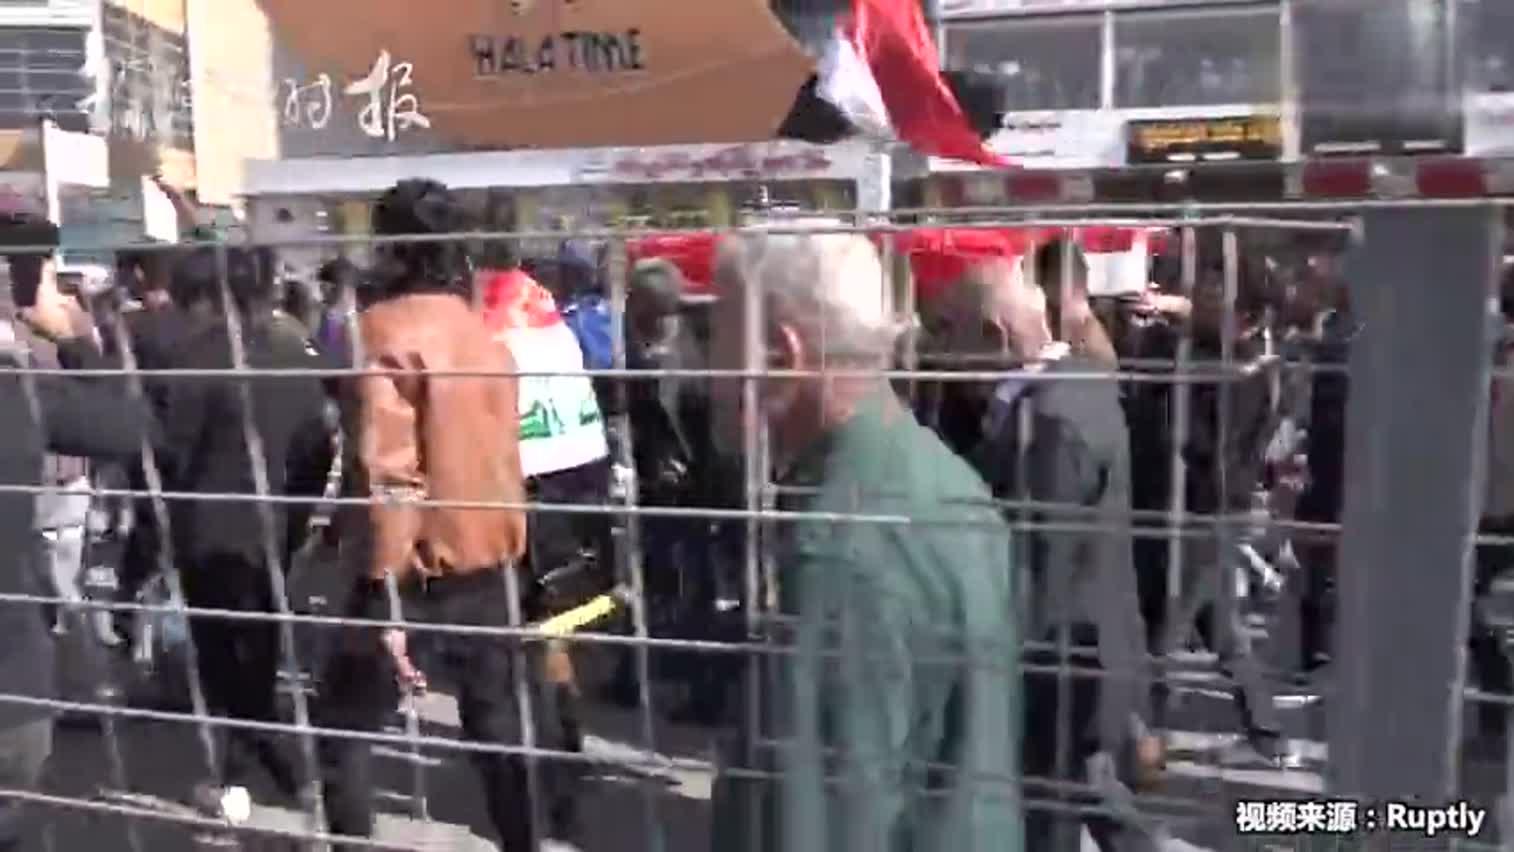 视频-在伊拉克拍摄抗议活动 俄罗斯Ruptly视